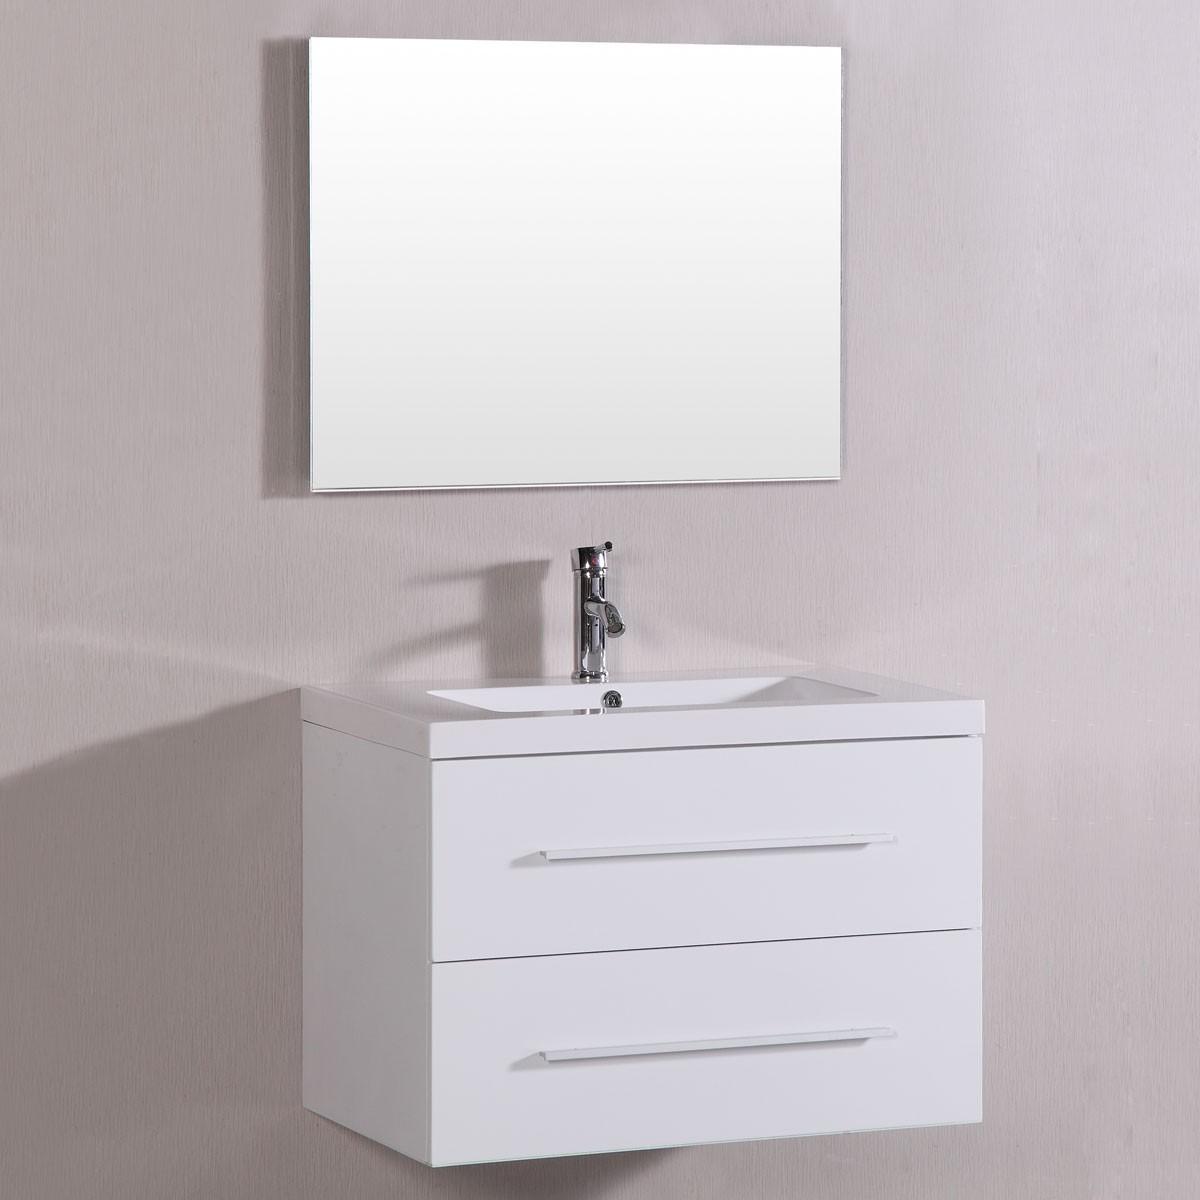 40 po Meuble Salle de Bain Suspendu au Mur à Lavabo Simple avec Miroir (DK-TM8120S-SET)